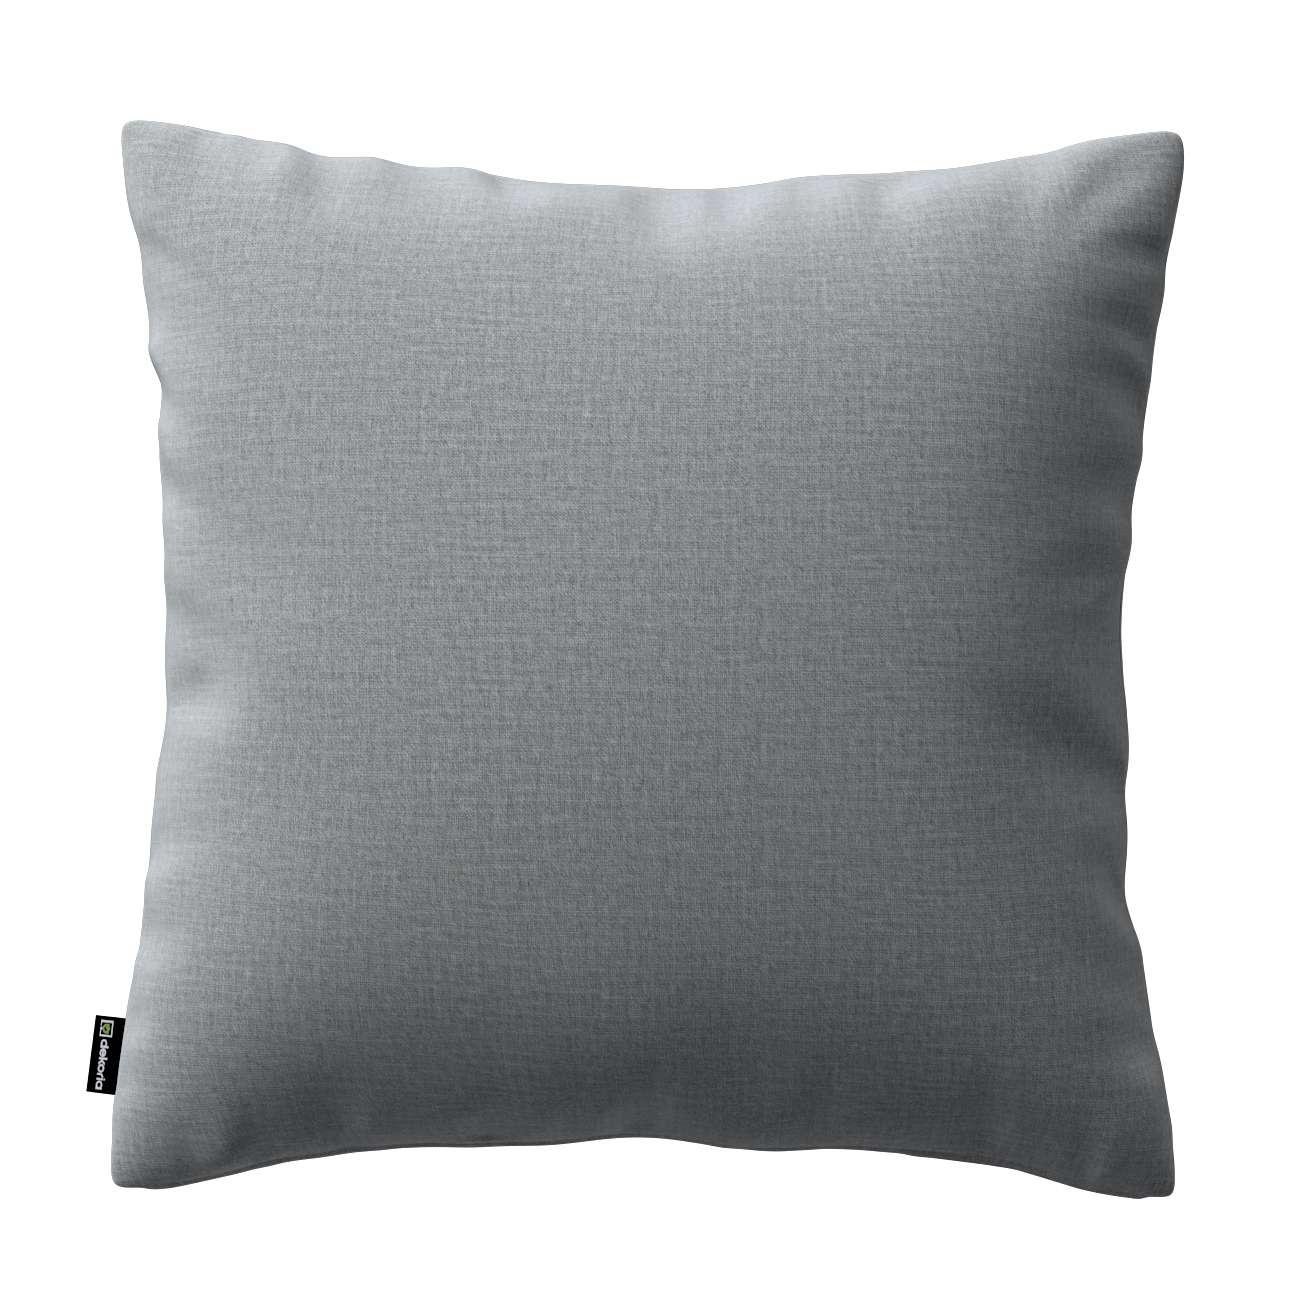 Poszewka Kinga na poduszkę w kolekcji Ingrid, tkanina: 705-42